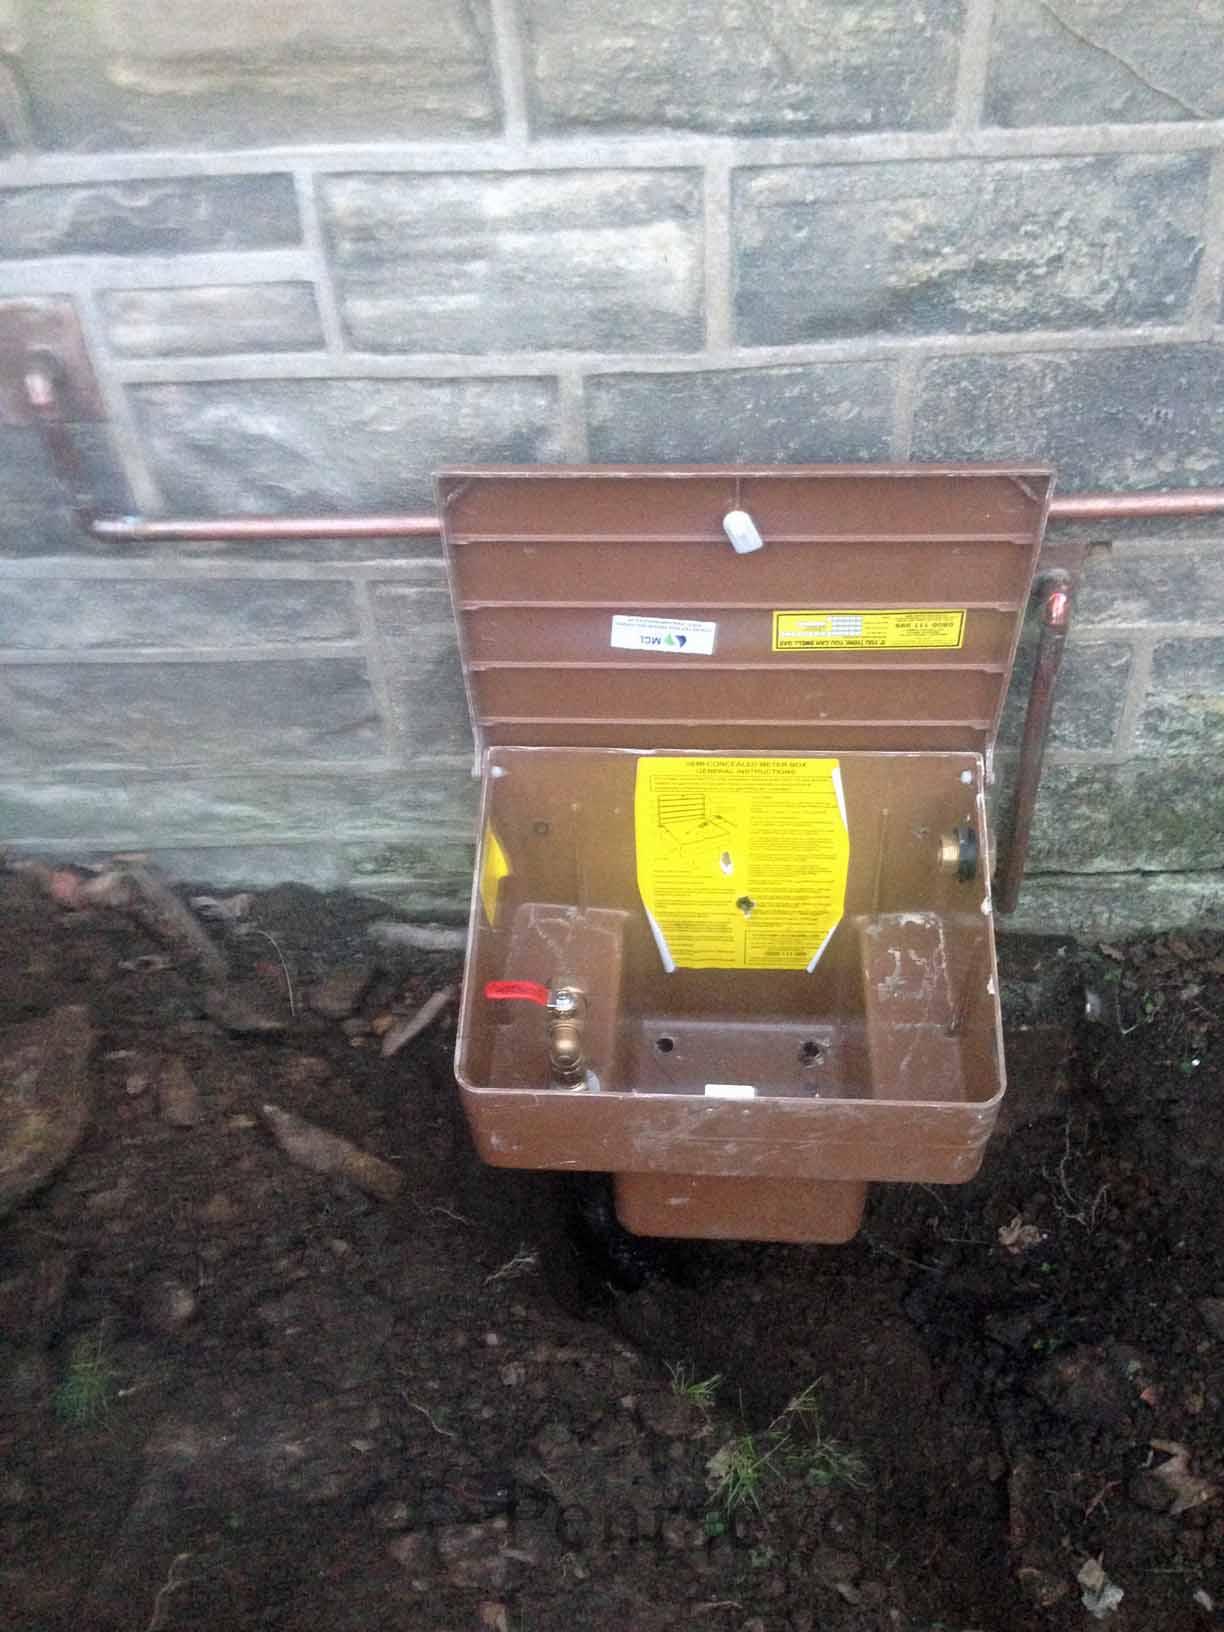 Inside A Gas Meter : Kitchen destruction part penraevon